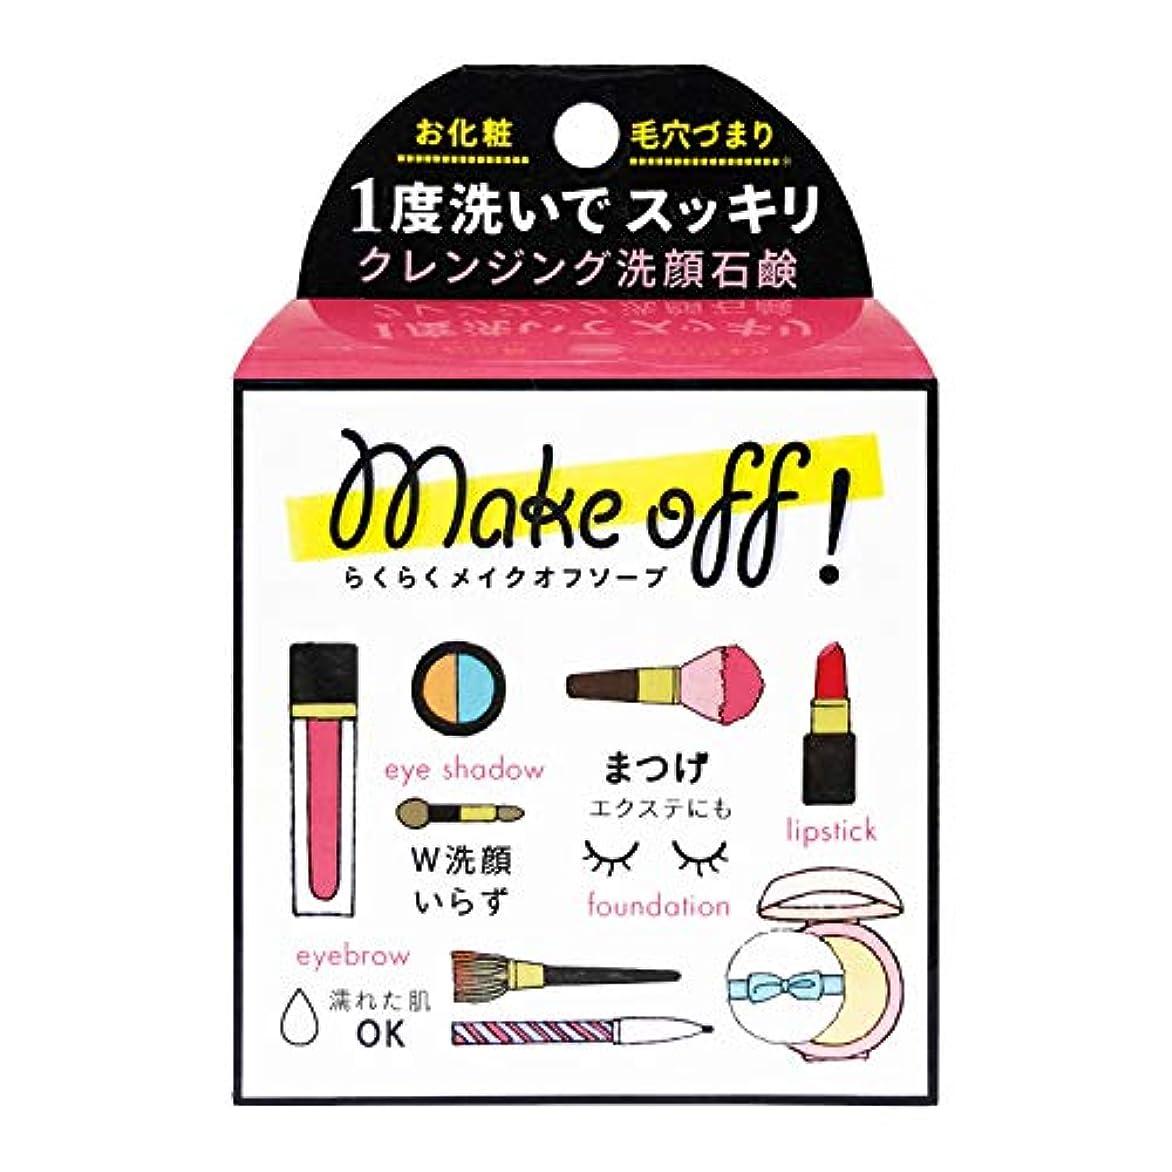 軸奇跡商品MAKE OFF SOAP (メイク オフ ソープ) 80g